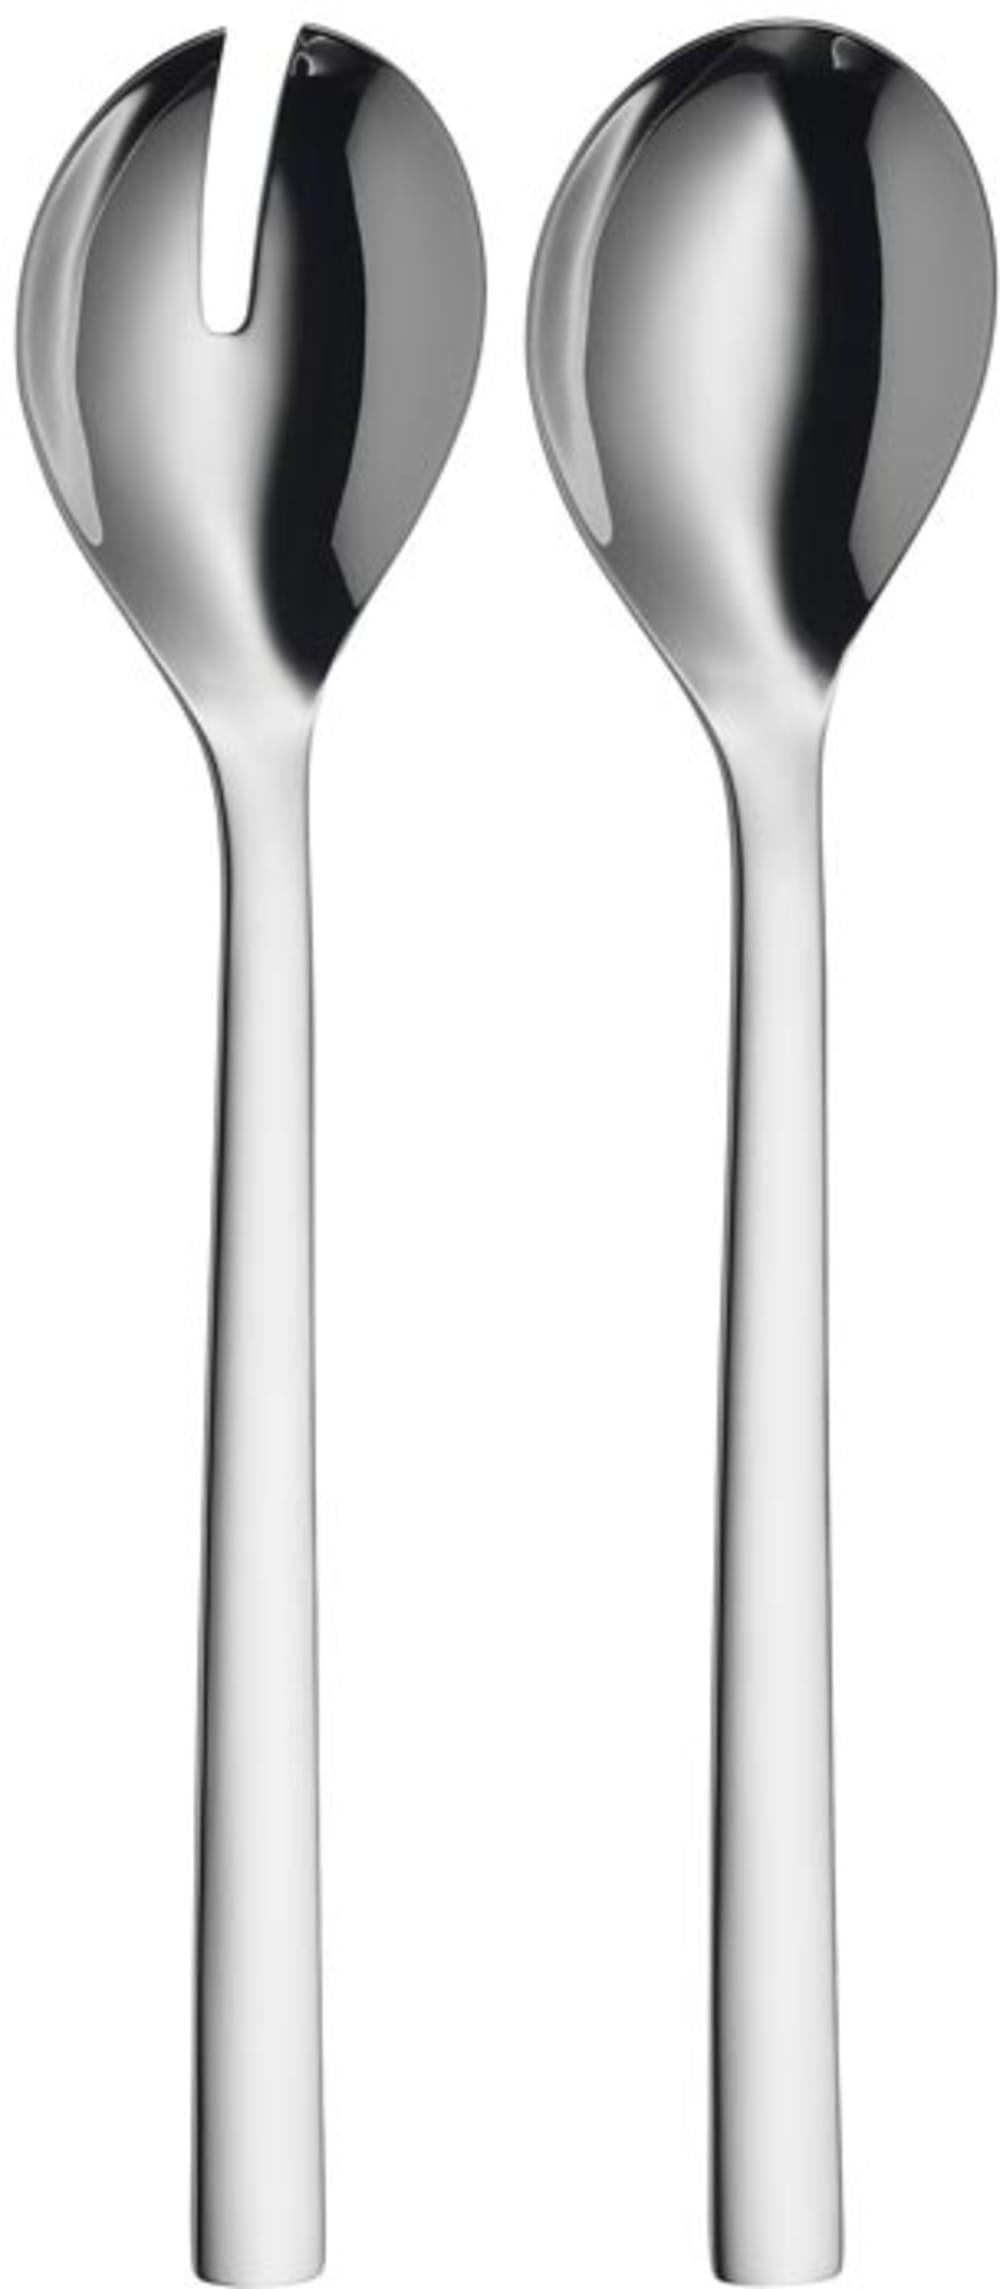 WMF - Zestaw sztućców do sałaty (30 cm) Nuova